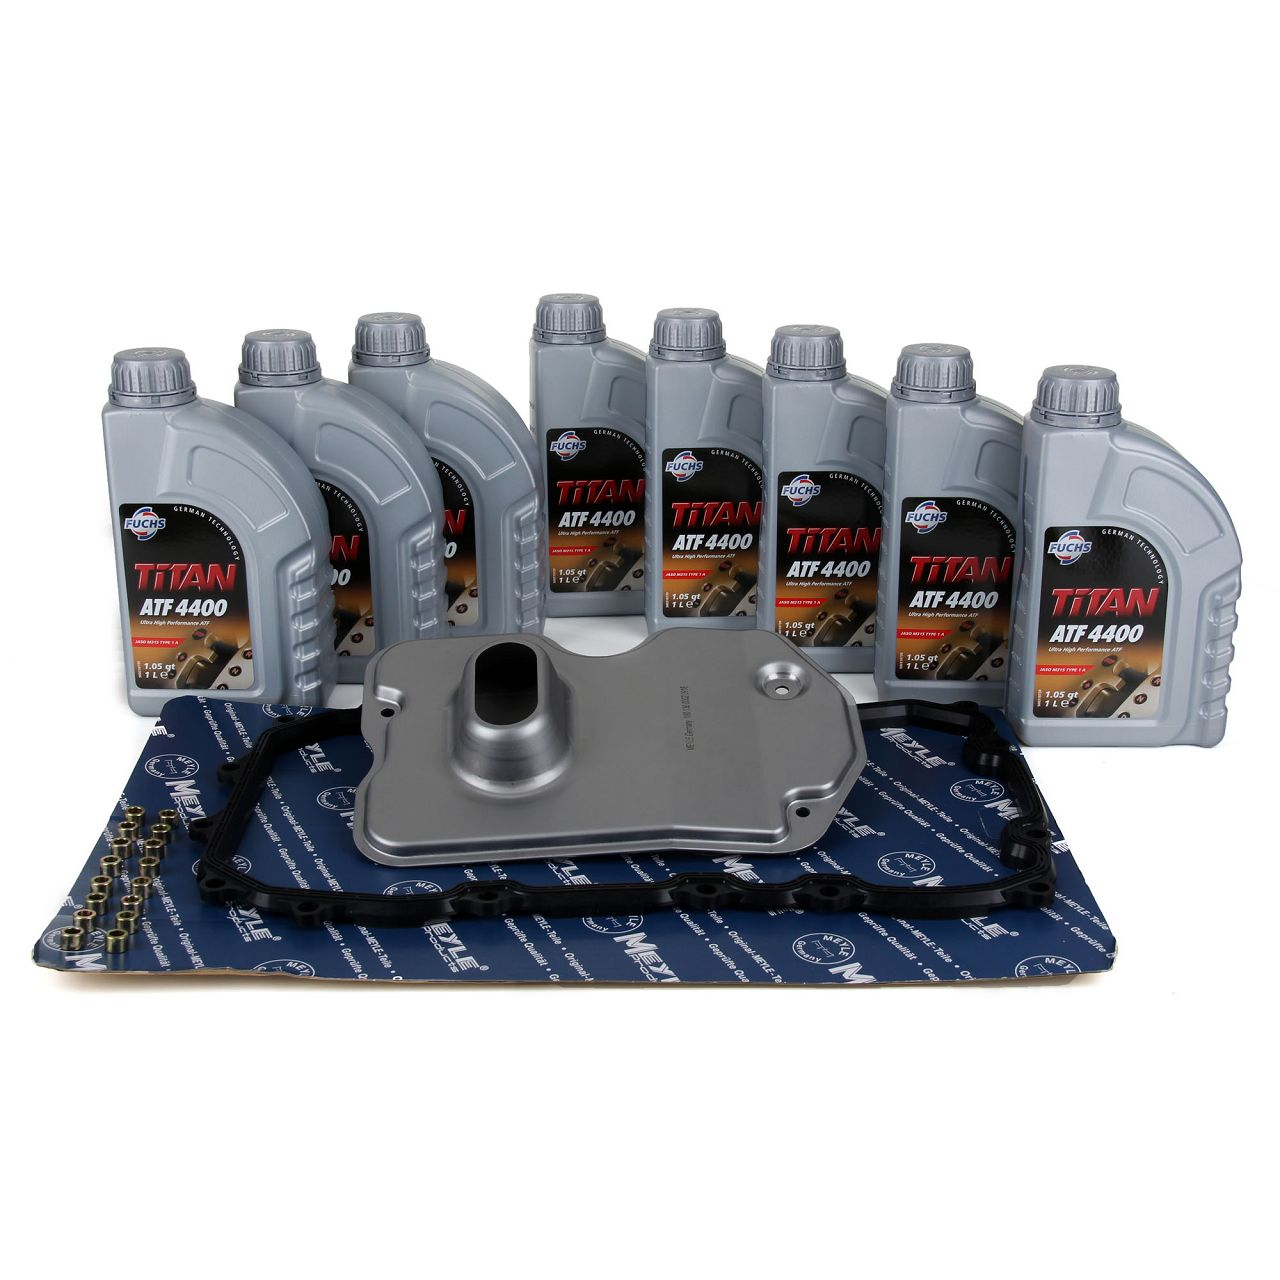 MEYLE Hydraulikfilter + Dichtung + 8L FUCHS für VW Getriebeöl AUDI PORSCHE VW